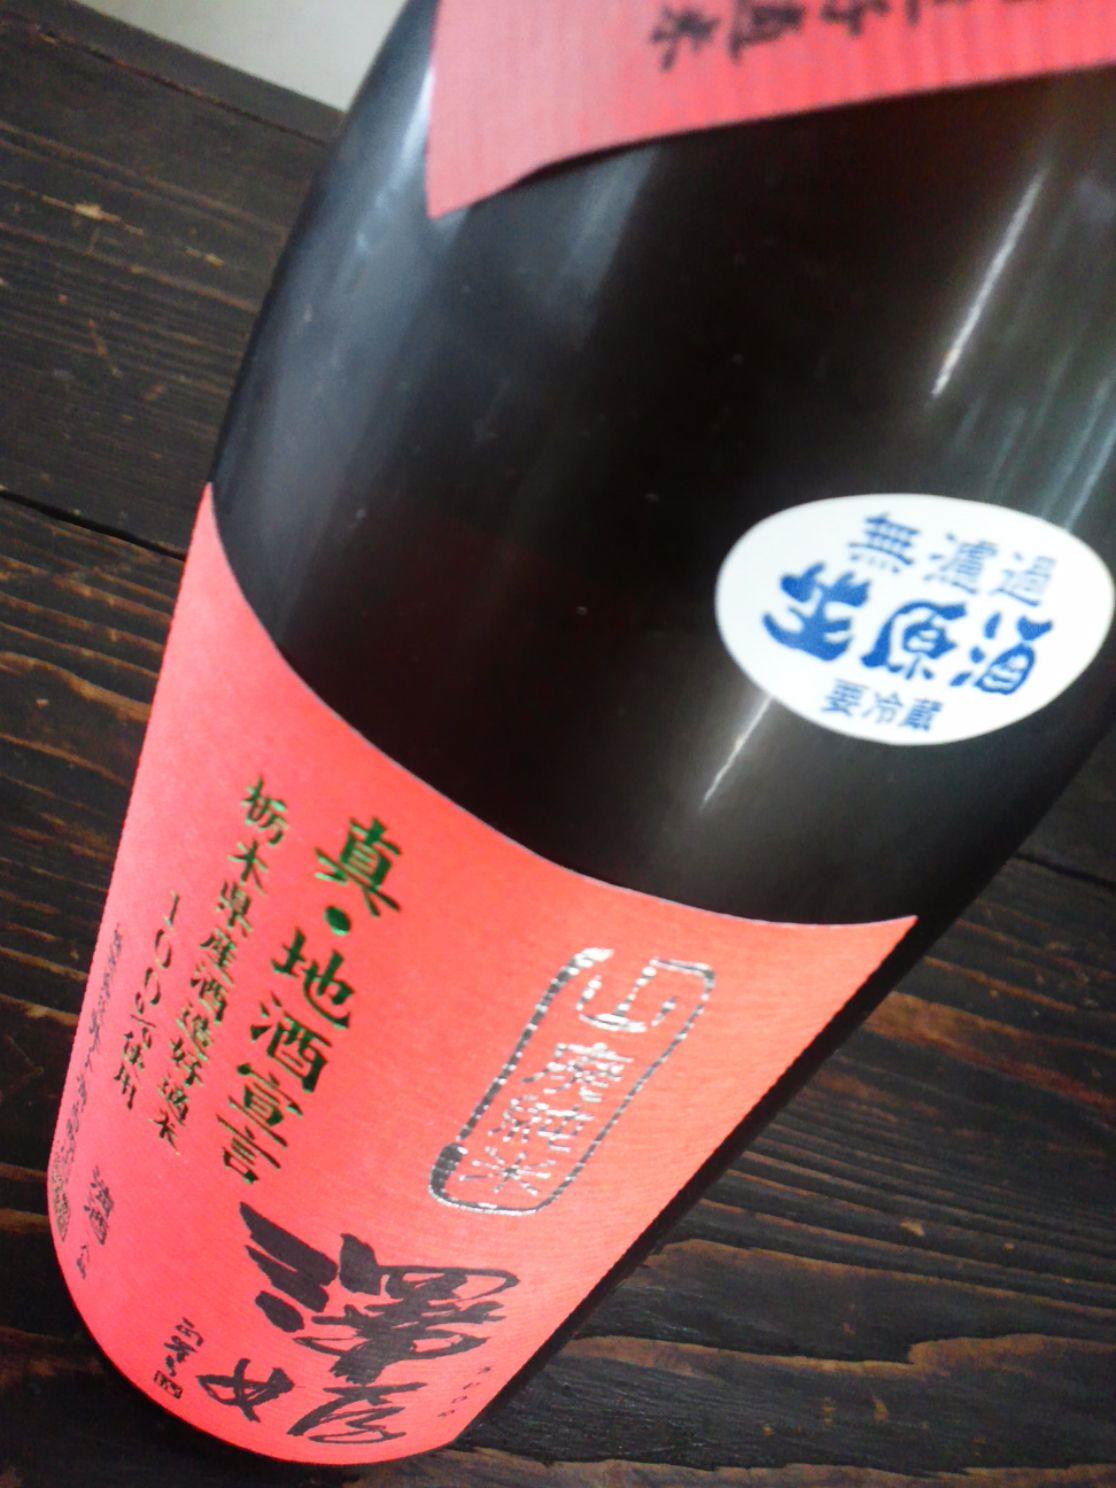 栃木県の澤姫新酒入荷です!_d0113681_16364629.jpg